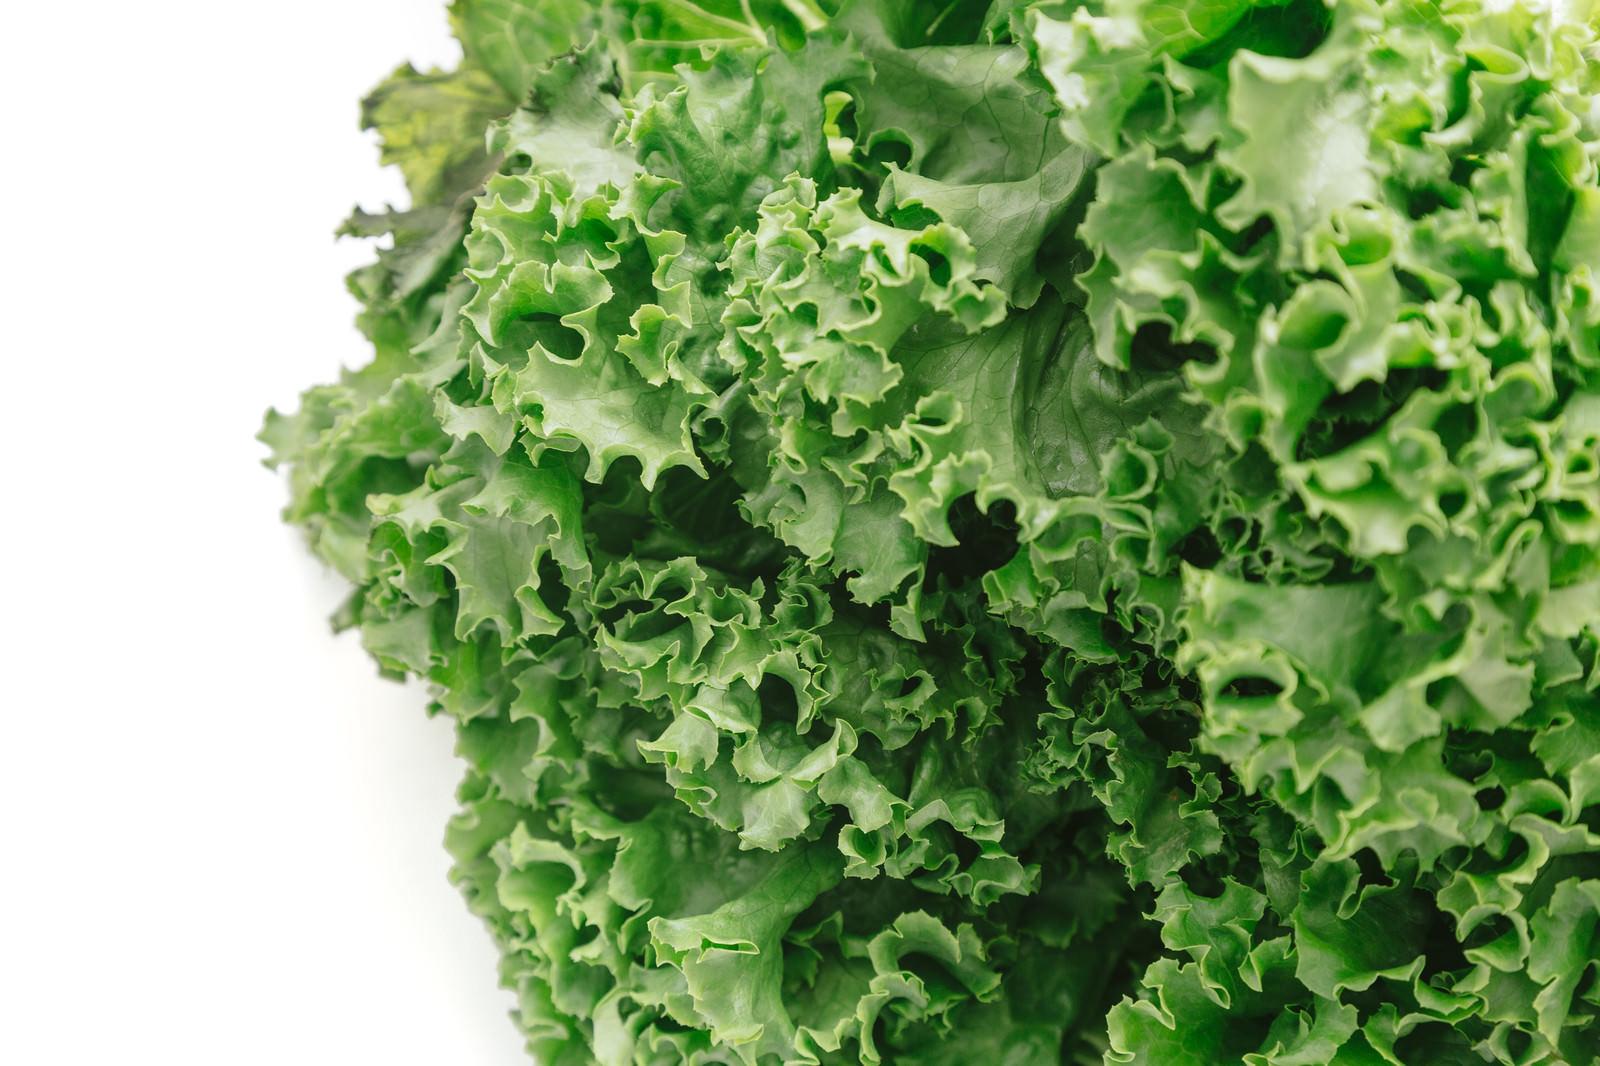 「採れたばかりの葉物野菜採れたばかりの葉物野菜」のフリー写真素材を拡大